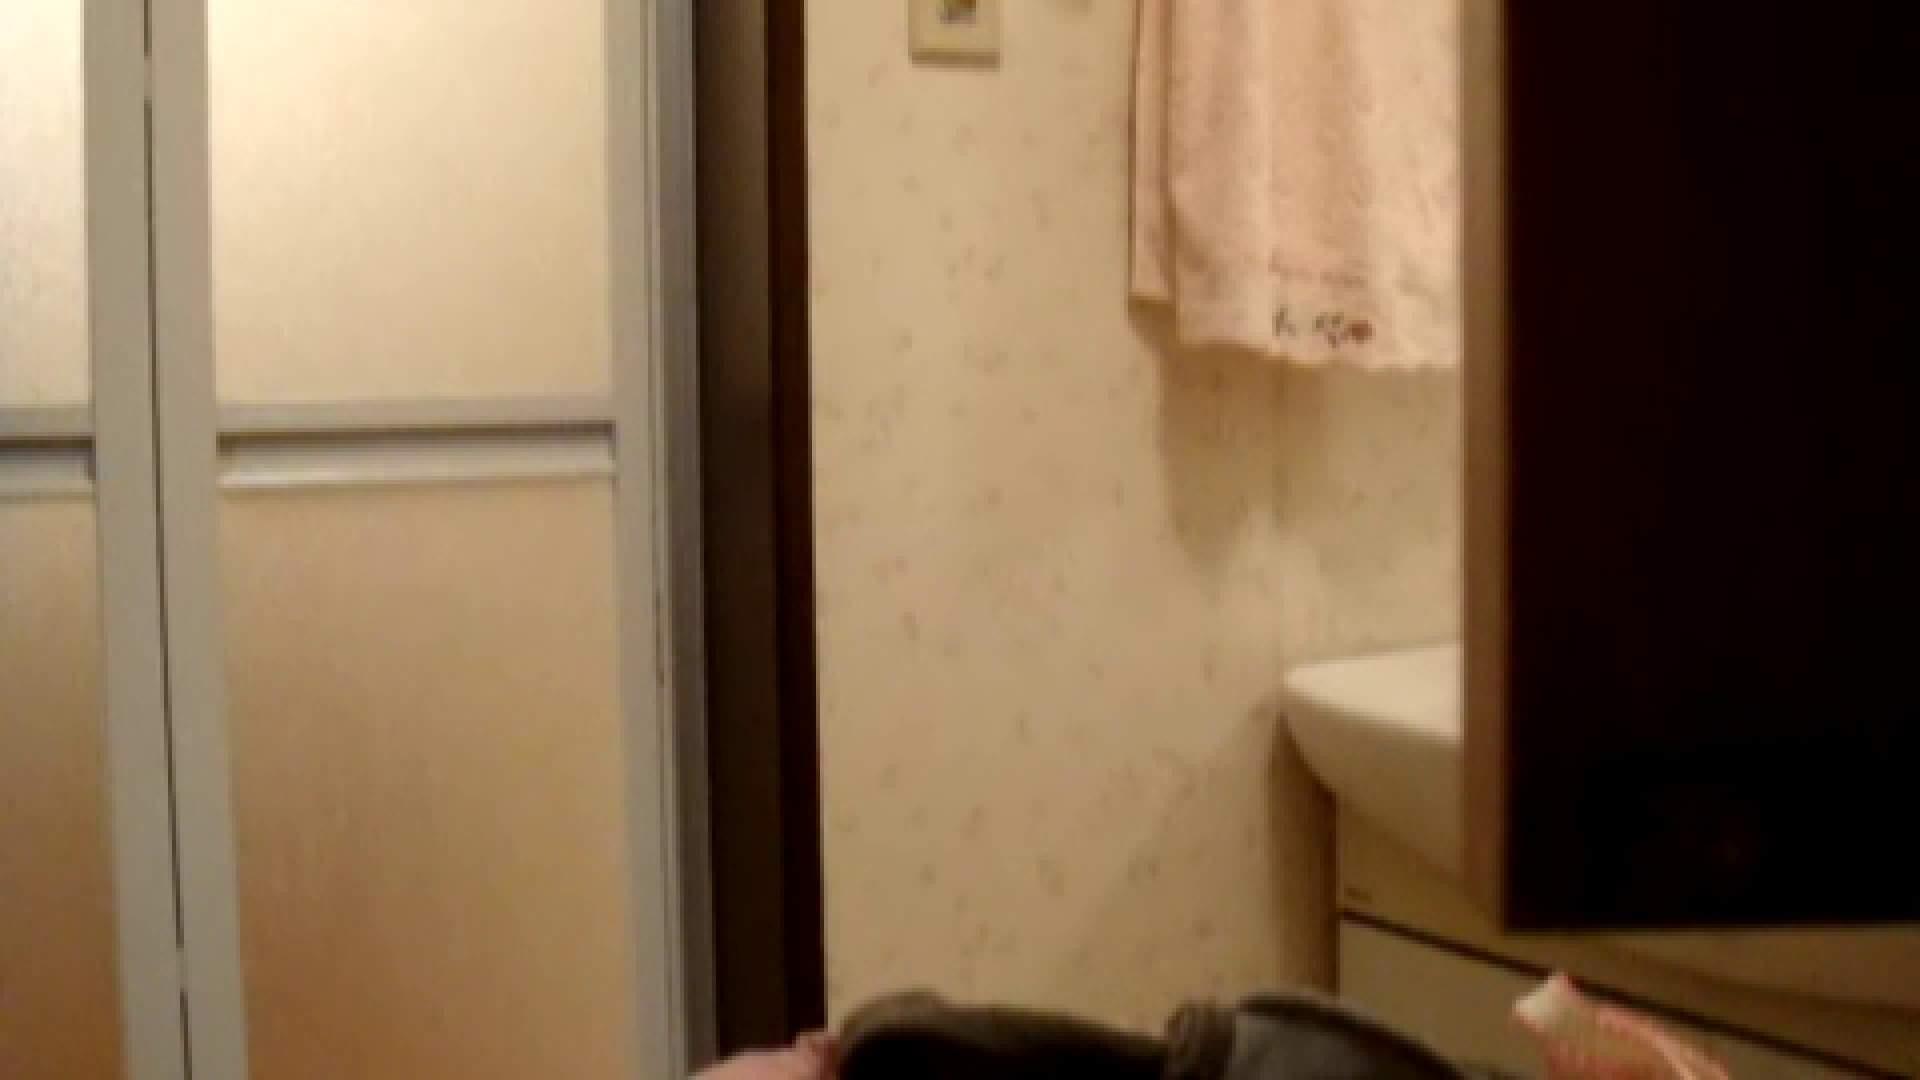 二人とも育てた甲斐がありました… vol.08 まどかの入浴中にカメラに気付いたか!? OLのエロ生活   ギャル入浴  71連発 51